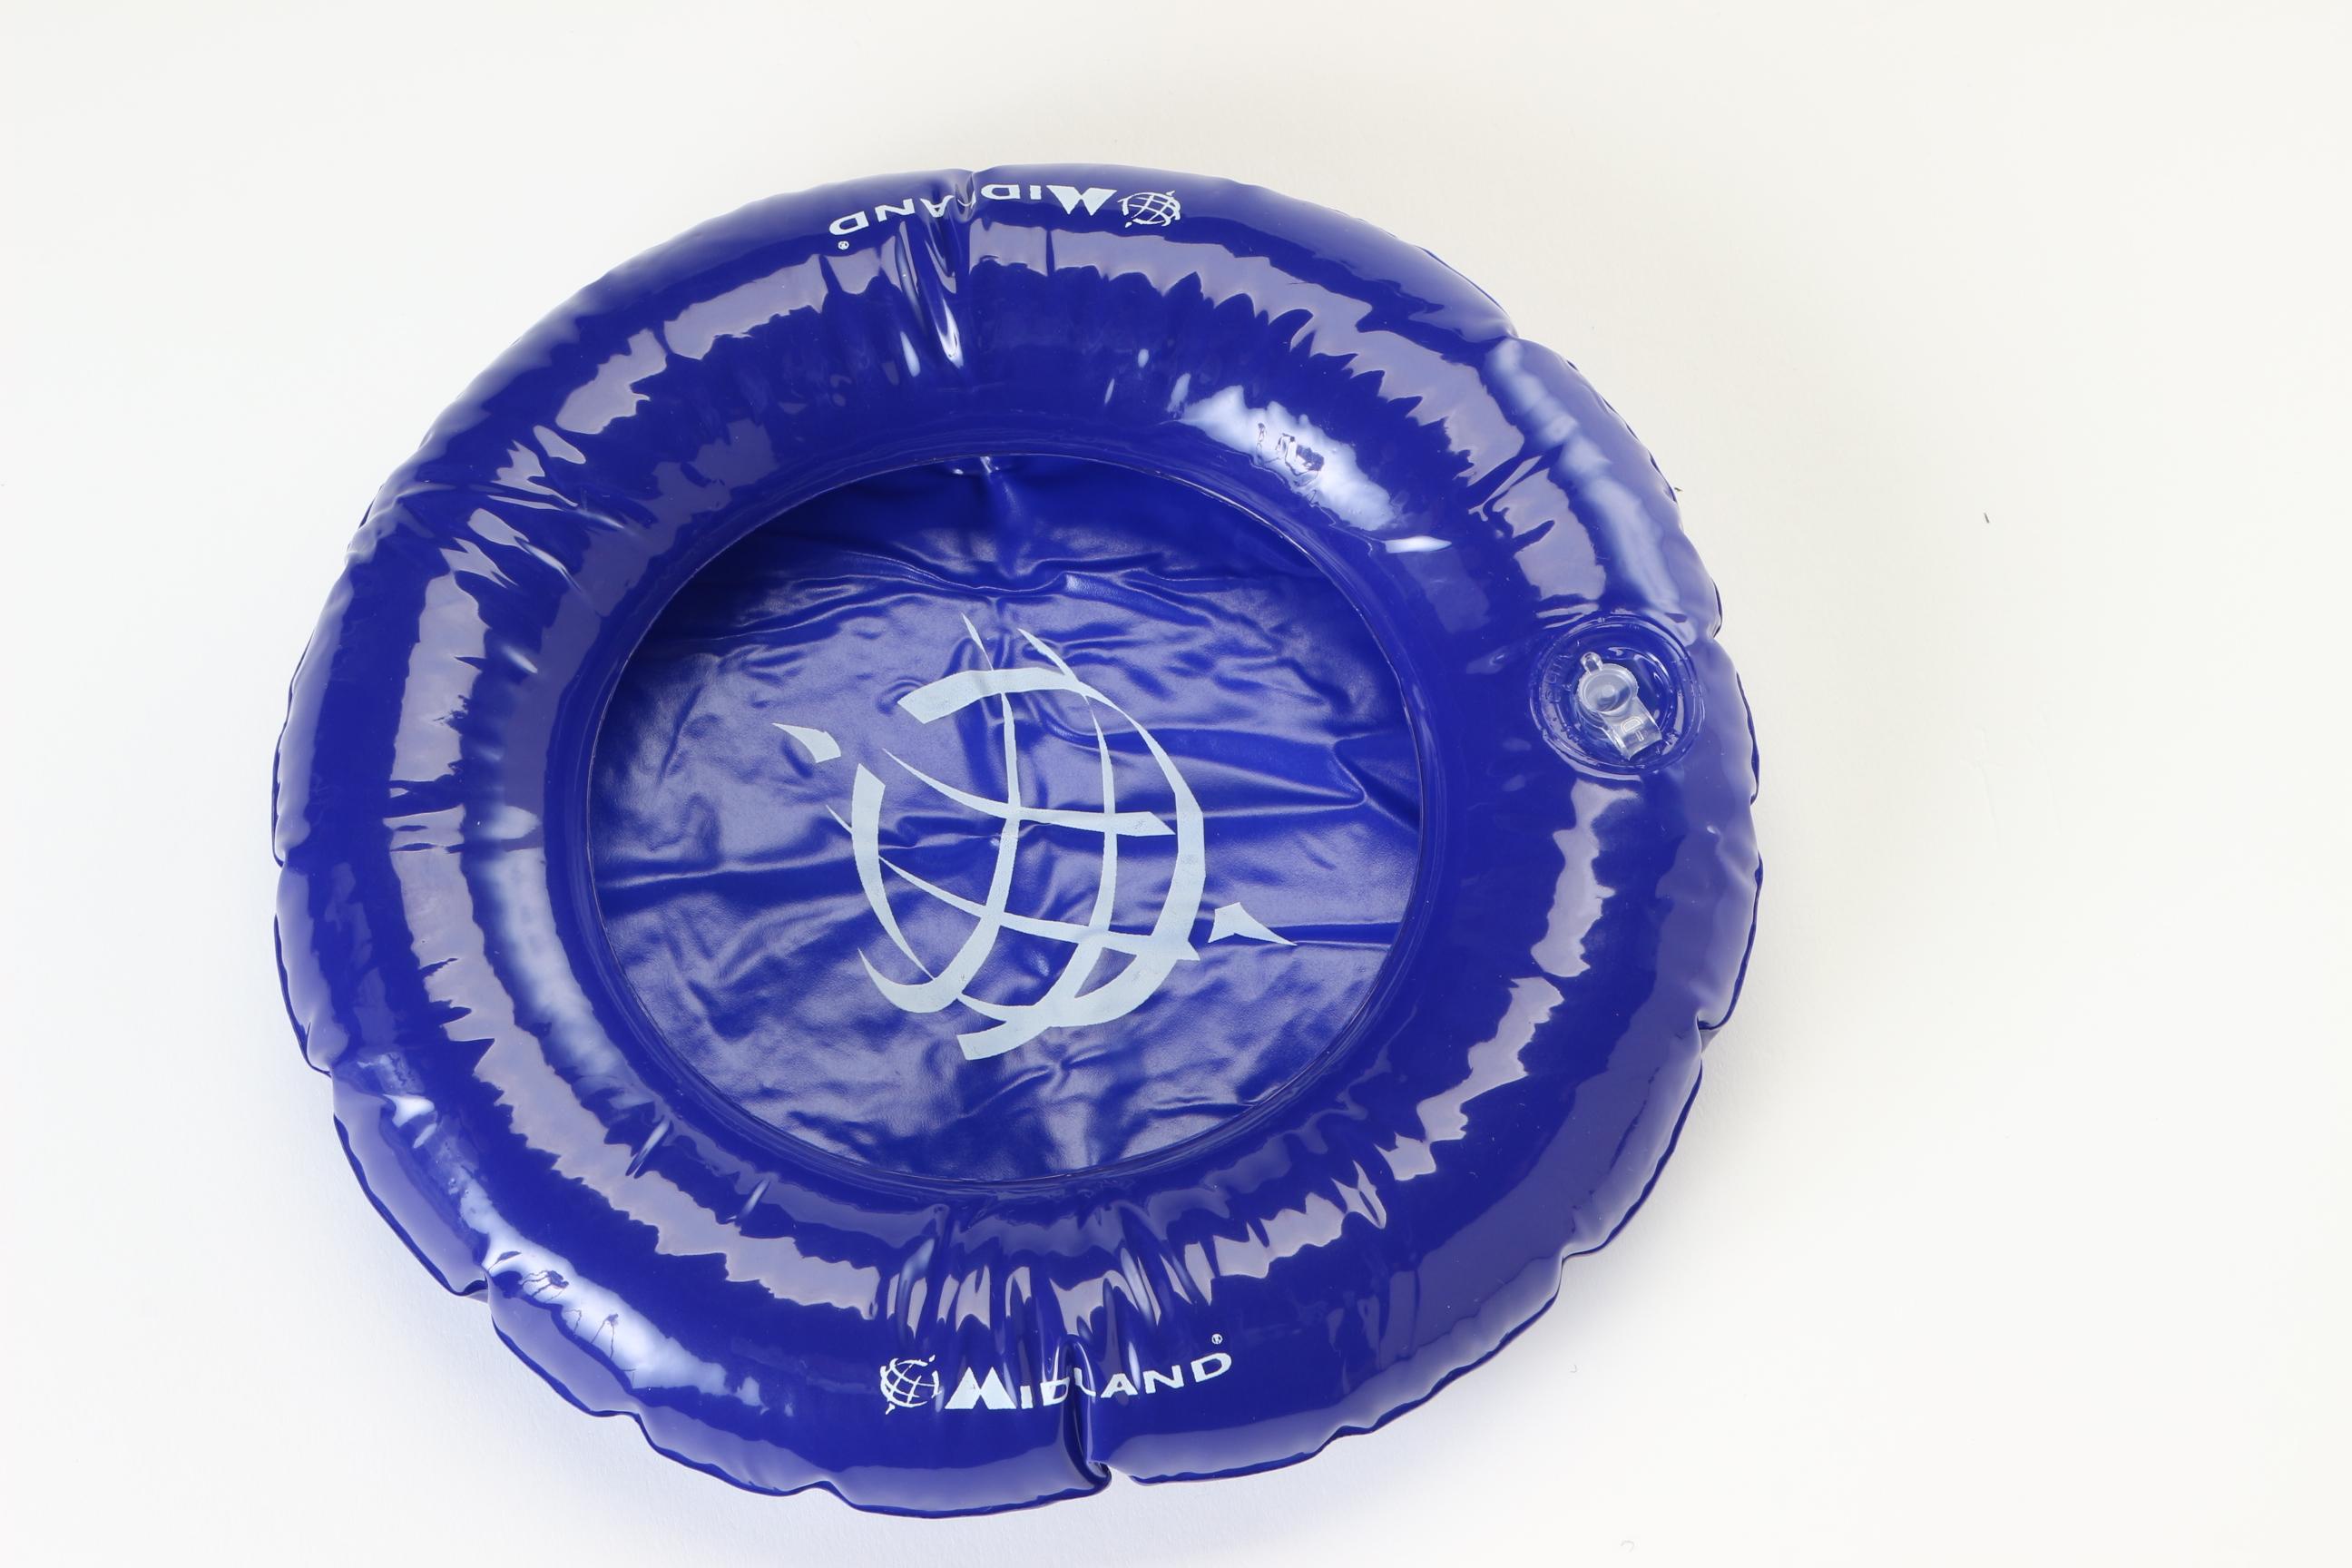 ヘルメット メンテナンス パッド Blue(青) A075 [普通郵便可]